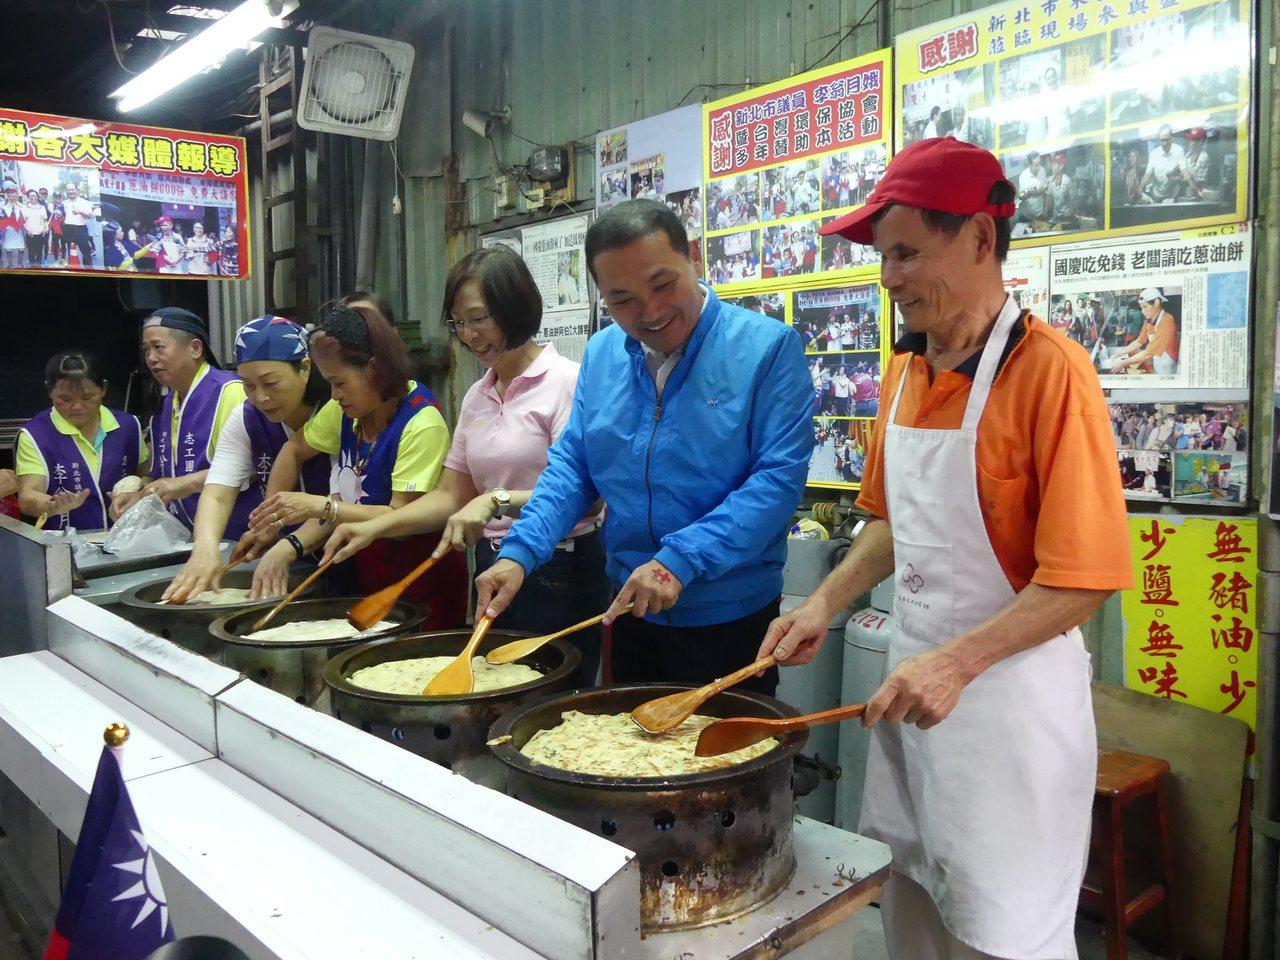 蘆洲國慶蔥油餅邁向第9年 今年將送700份!